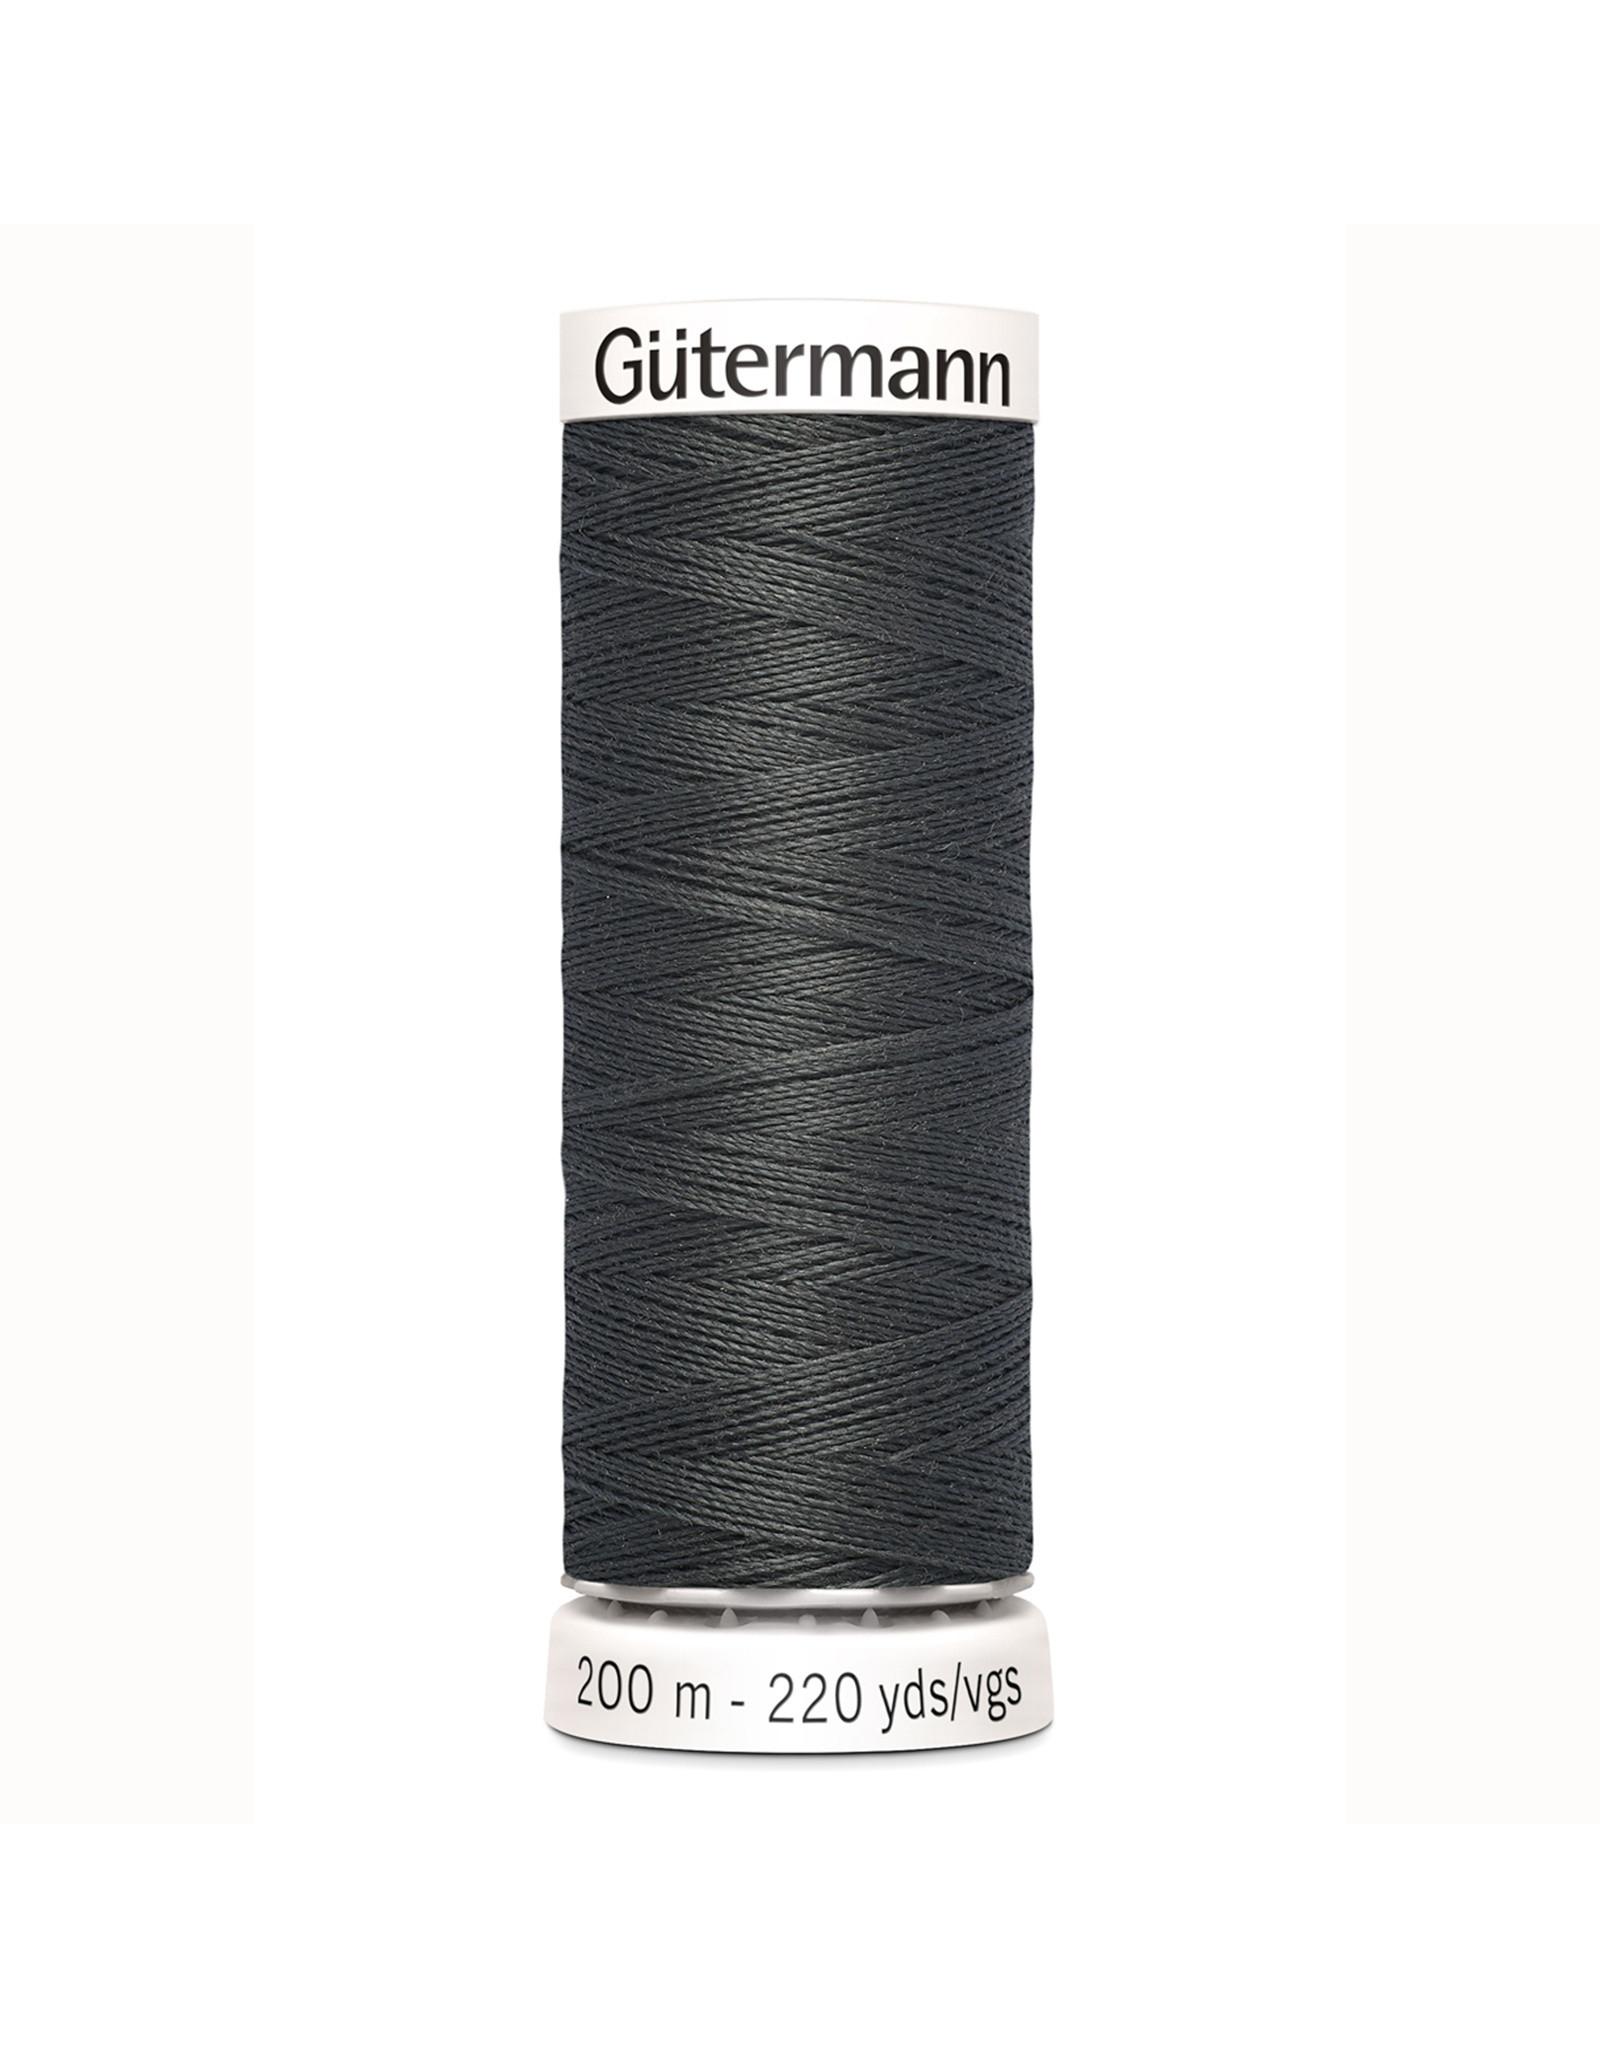 Gütermann Gütermann Nähgarn 200 m - nr 36